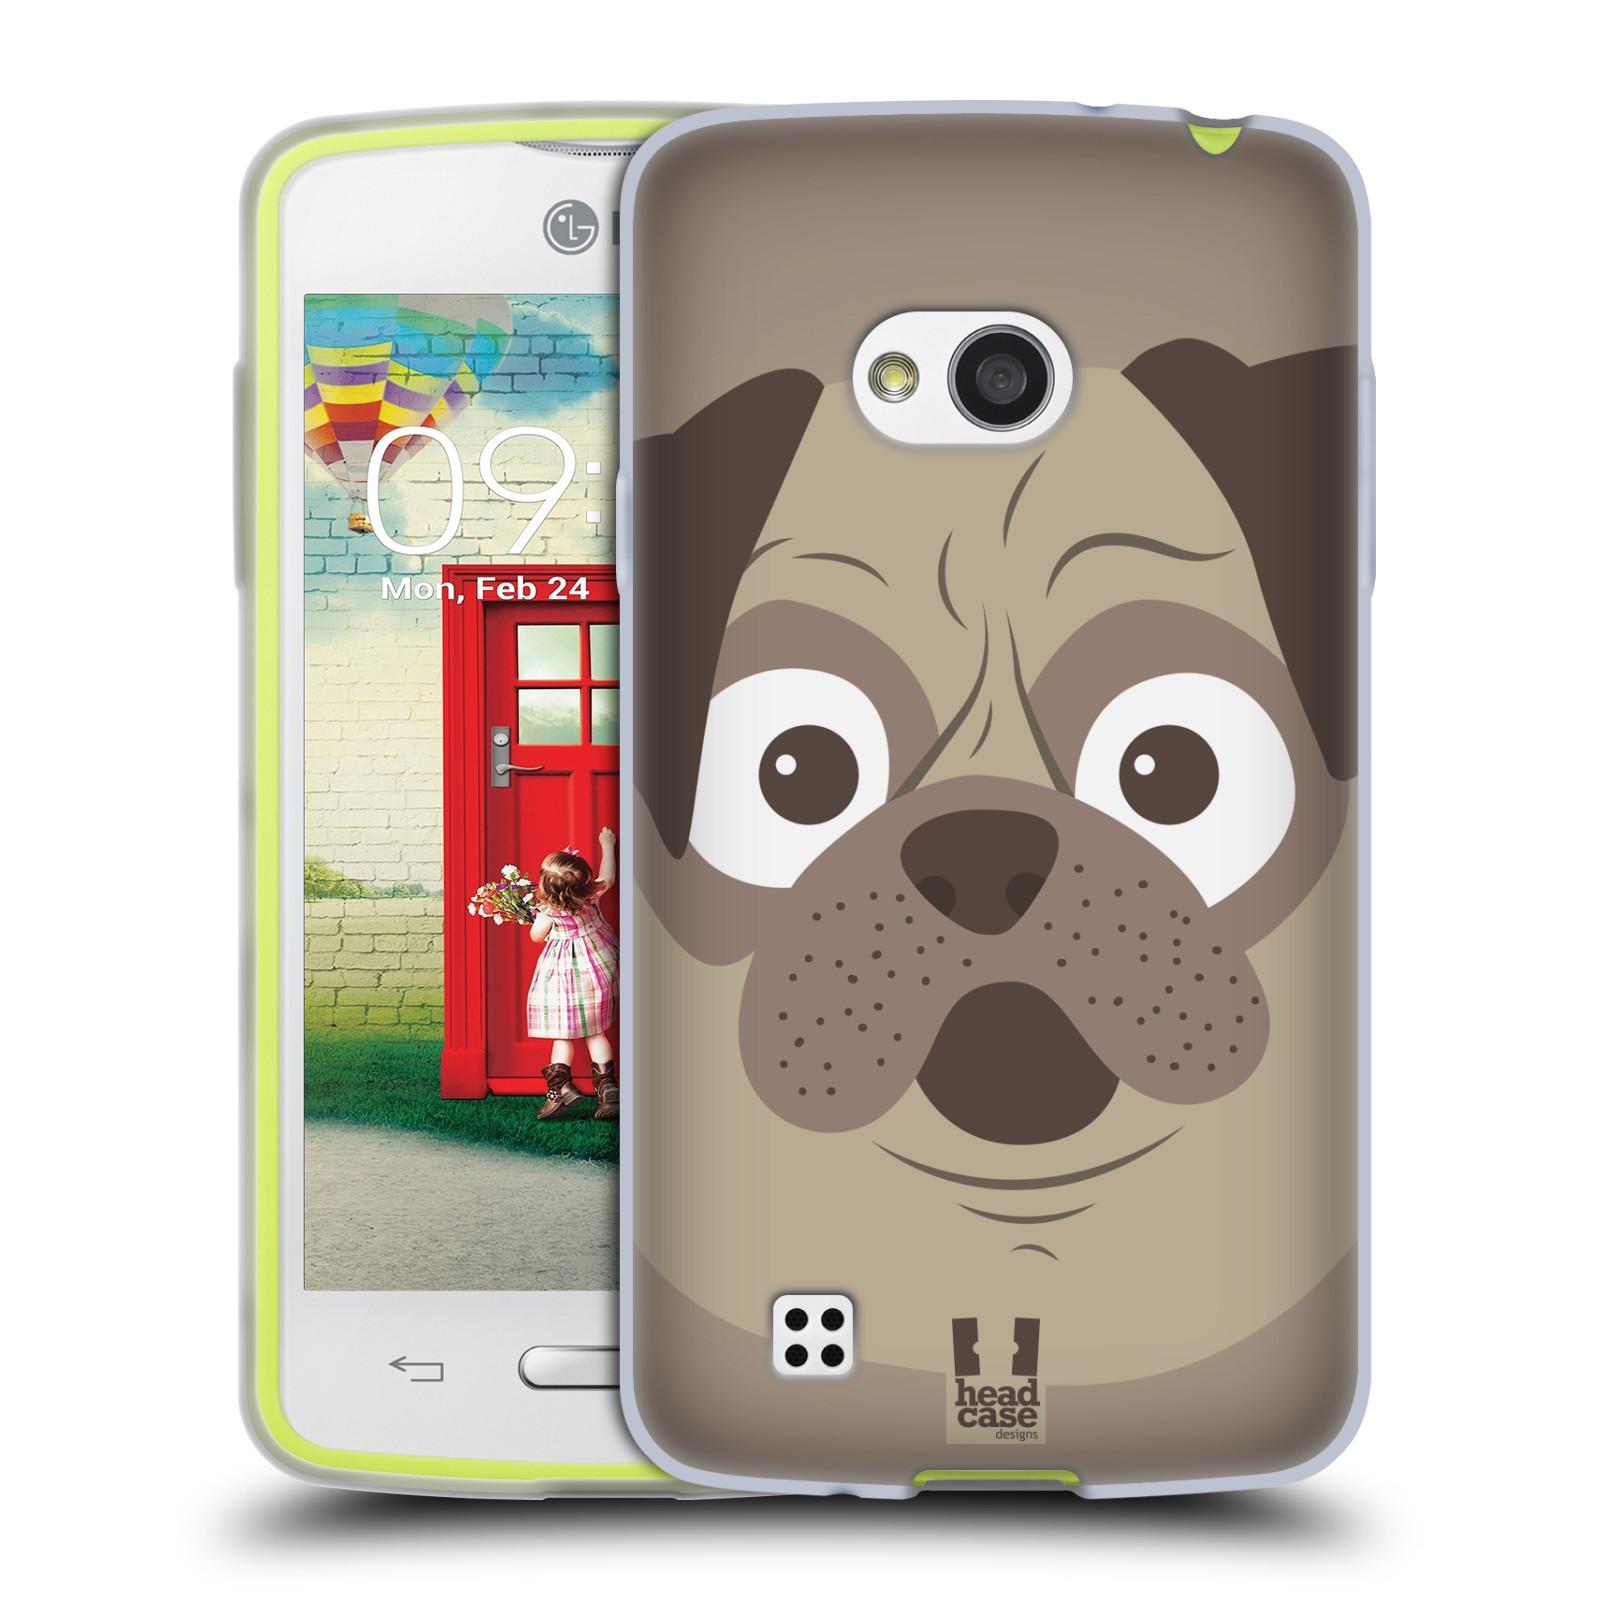 HEAD CASE silikonový obal na mobil LG L50 vzor Cartoon Karikatura barevná kreslená zvířátka pes mopsík